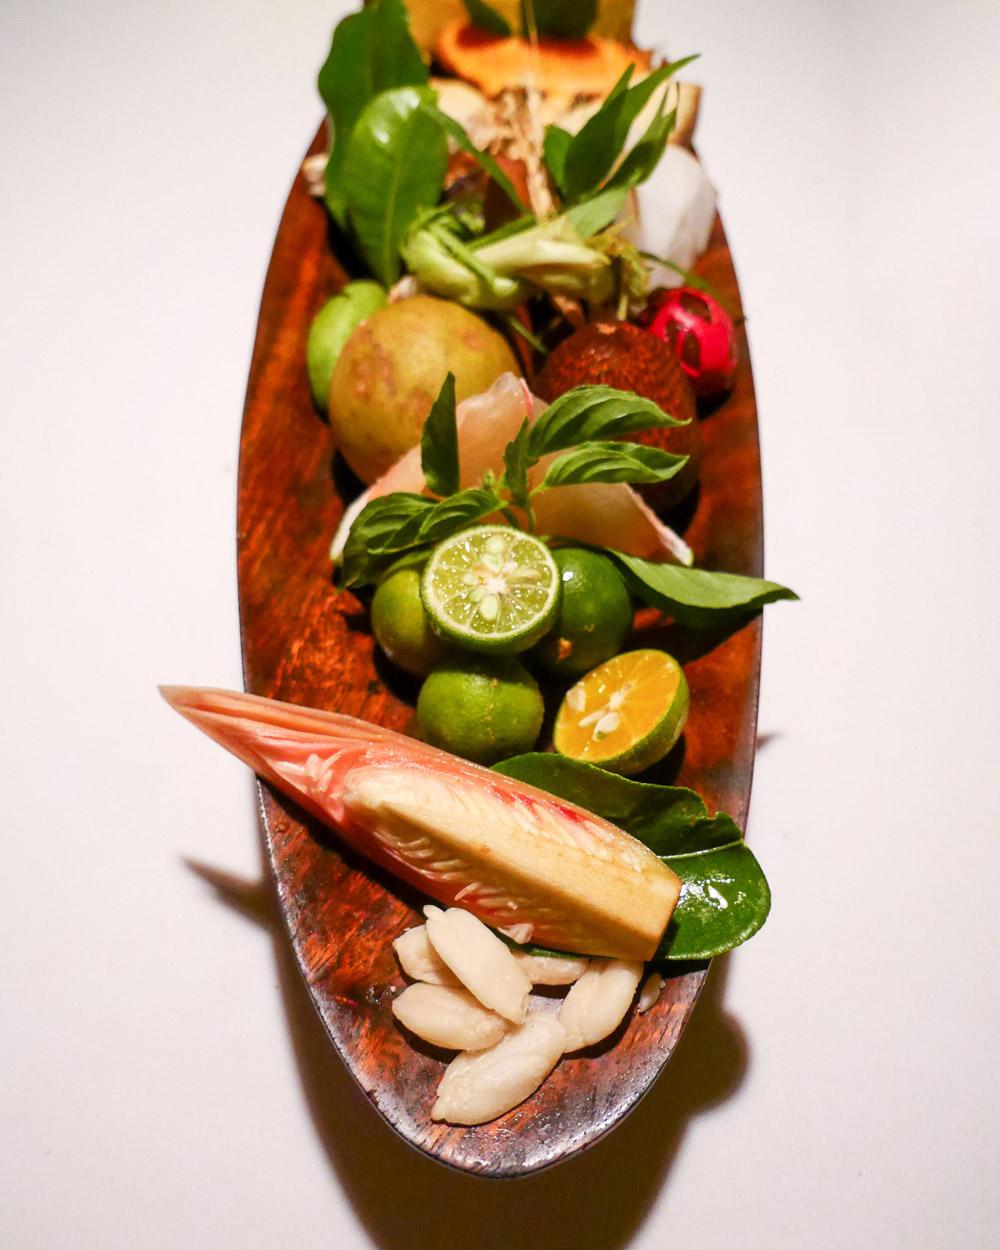 Indonesian Ingredients, Vegan Tasting Menu at Mozaic, Bali